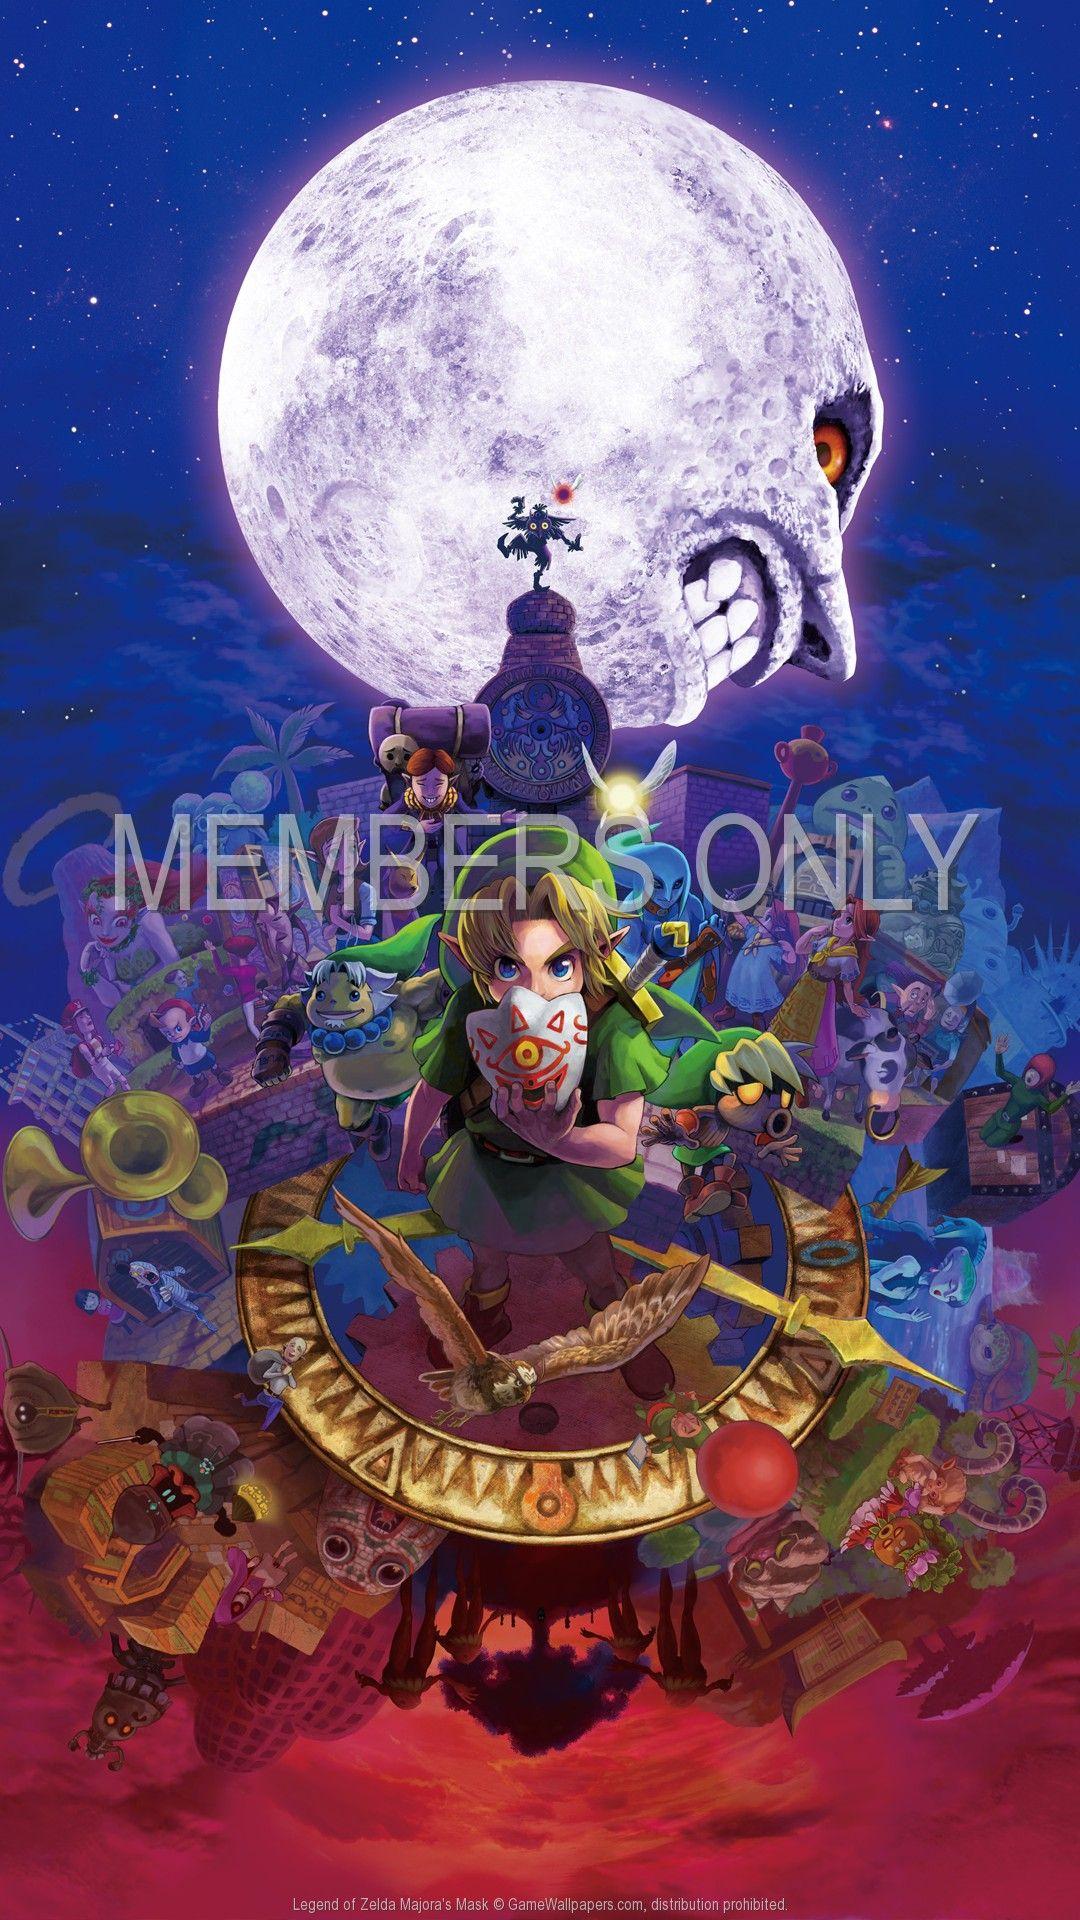 Legend Of Zelda Majora S Mask 1920x1080 Mobile Wallpaper Or